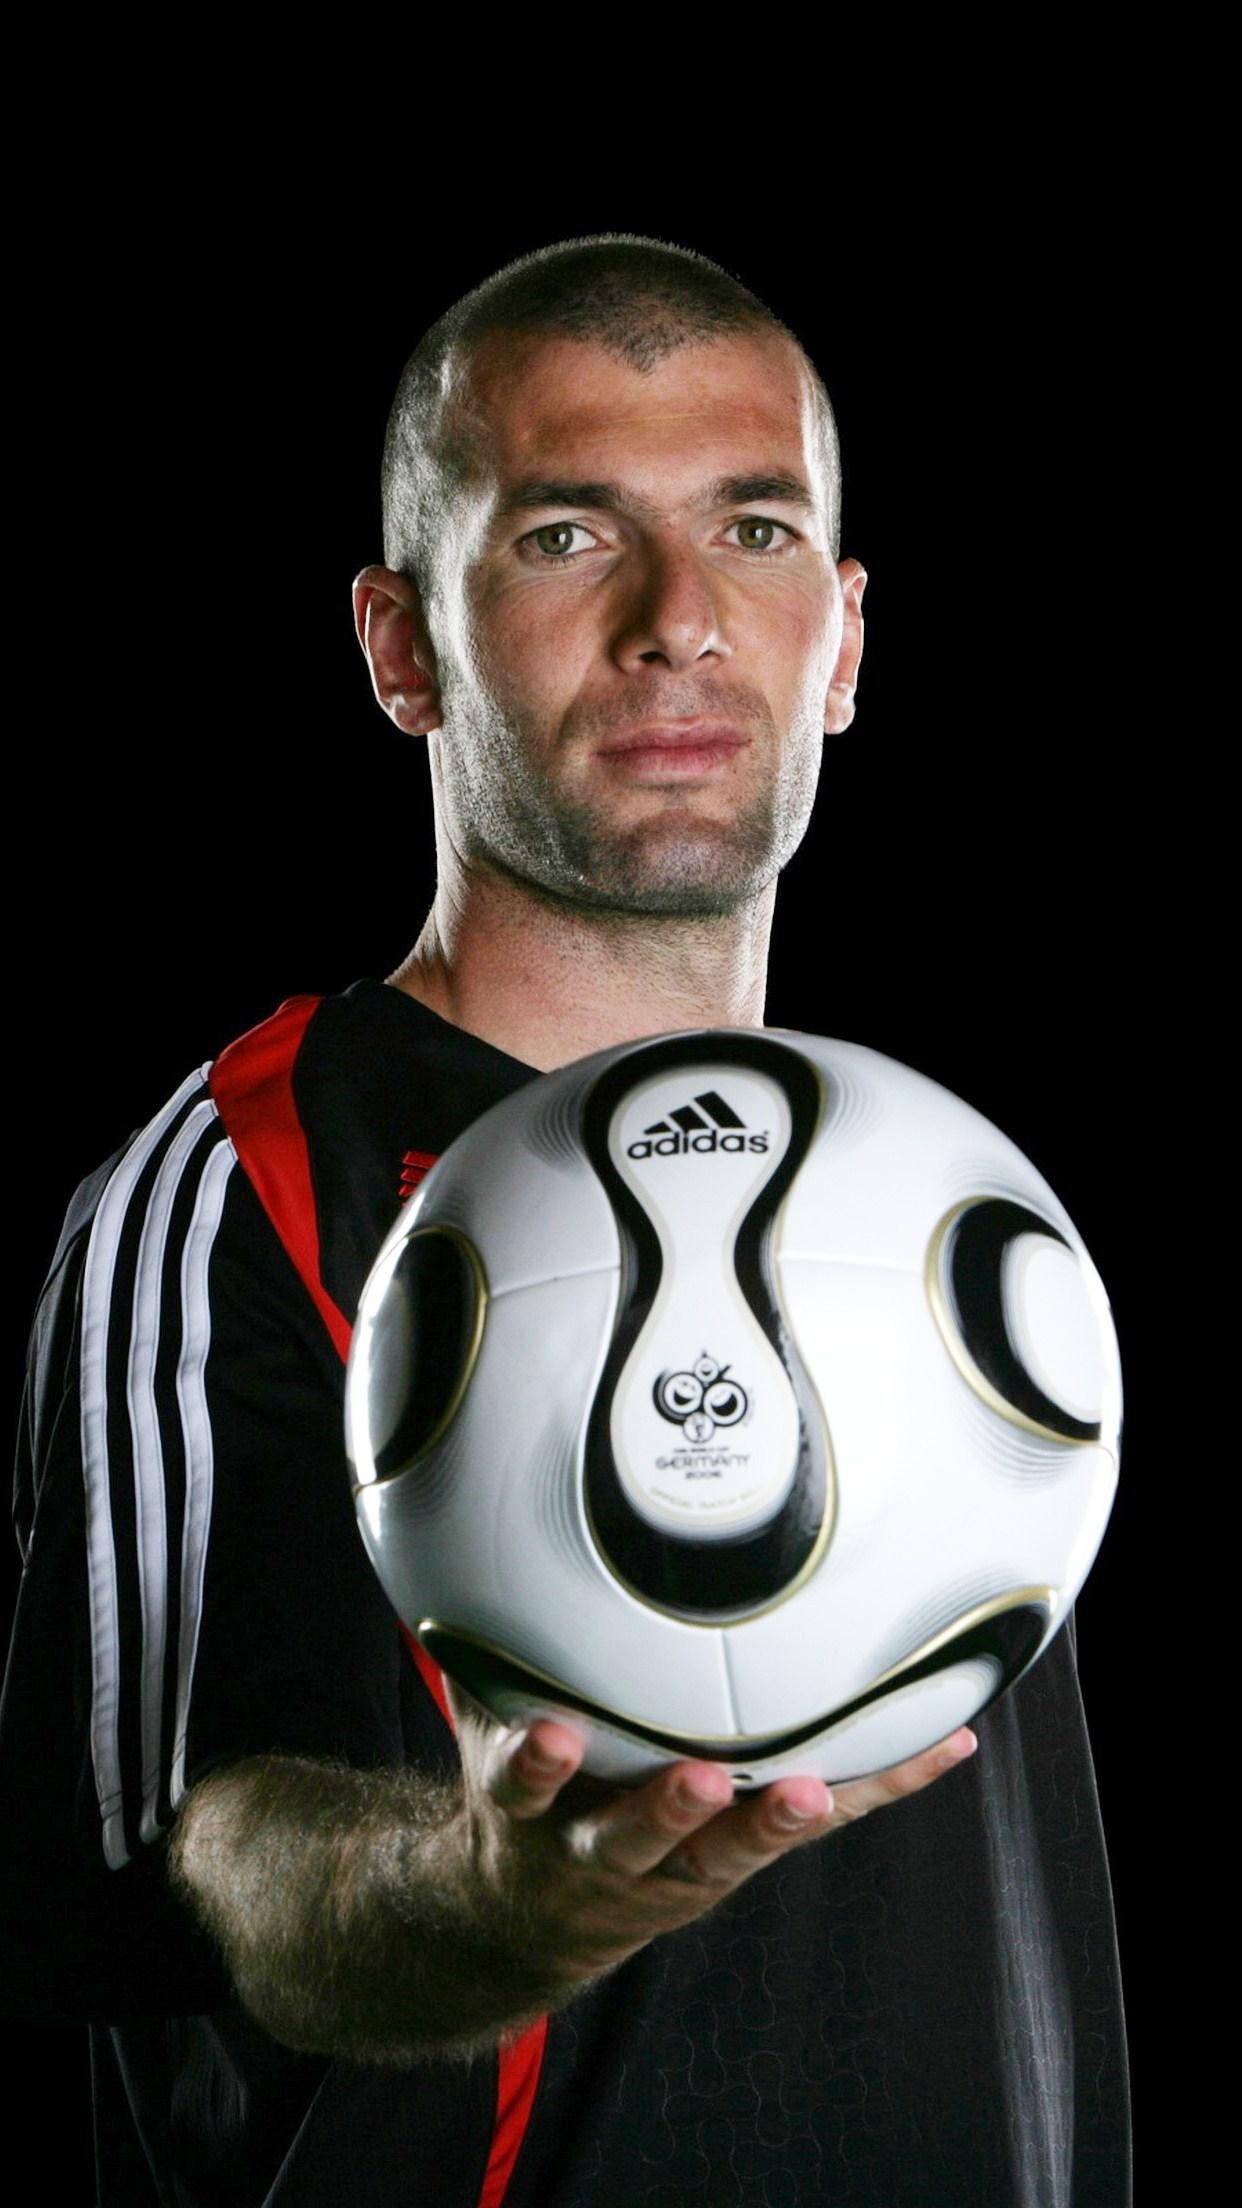 football zinedine zidane 3Wallpapers iPhone Parallax.jpg Football Zinédine Zidane